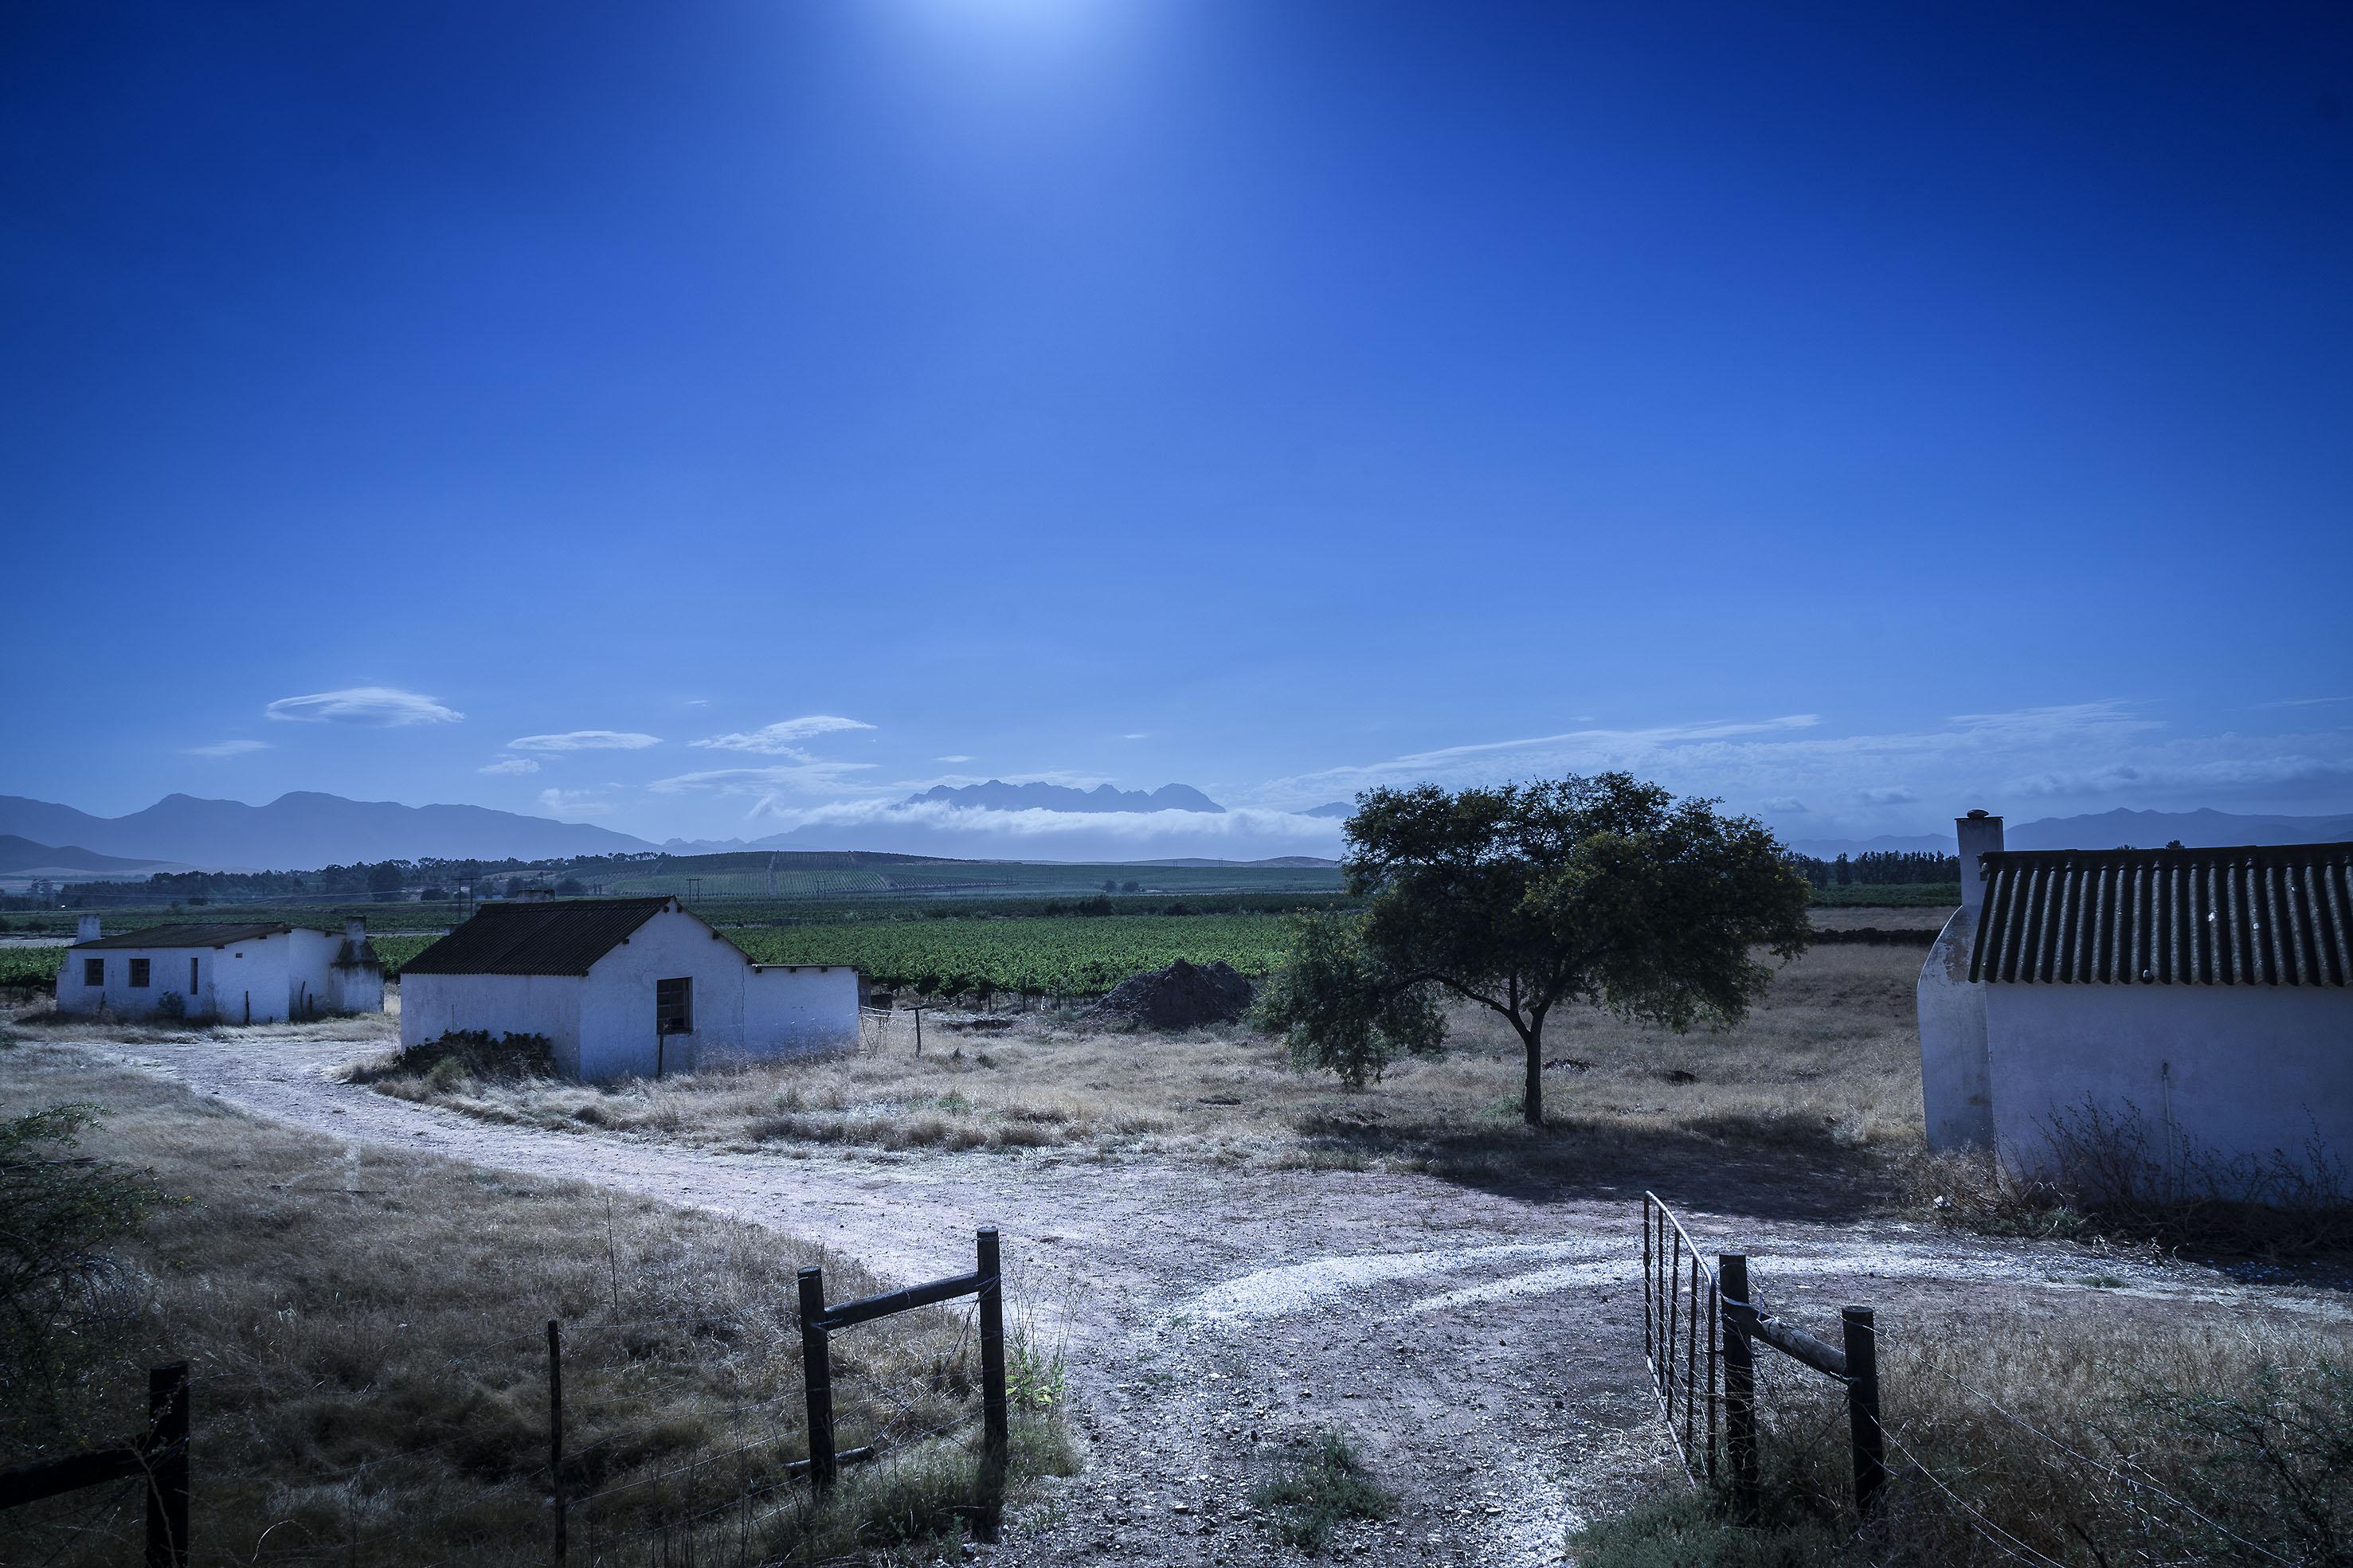 Arthur Los Fotografie - SA